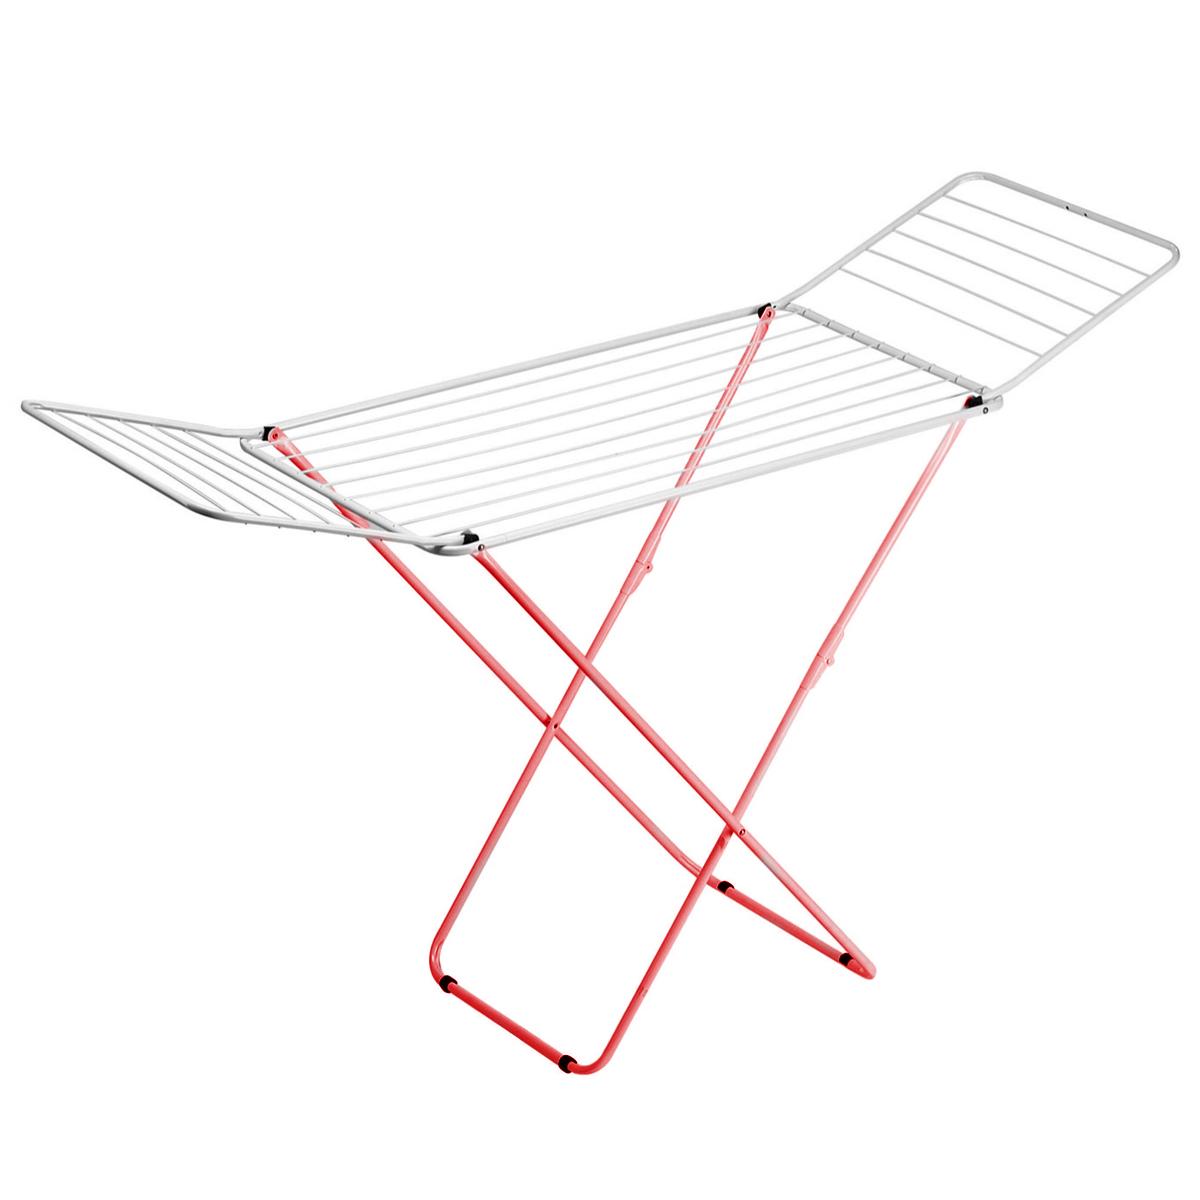 Сушилка для белья Gimi Top, напольная, цвет: белый, красный, 199 см х 55 см х 93 см1079000000030Напольная сушилка для белья Gimi Top проста и удобна в использовании, компактно складывается, экономя место в вашей квартире. Сушилку можно использовать на балконе или дома. Общая длина реек сушилки составляет 20 метров, они выдерживают 2 стандартные загрузки стиральной машины после стирки и отжима. Также сушилка имеет дополнительный держатель для маленьких вещей (носки, платки, перчатки и тому подобное).